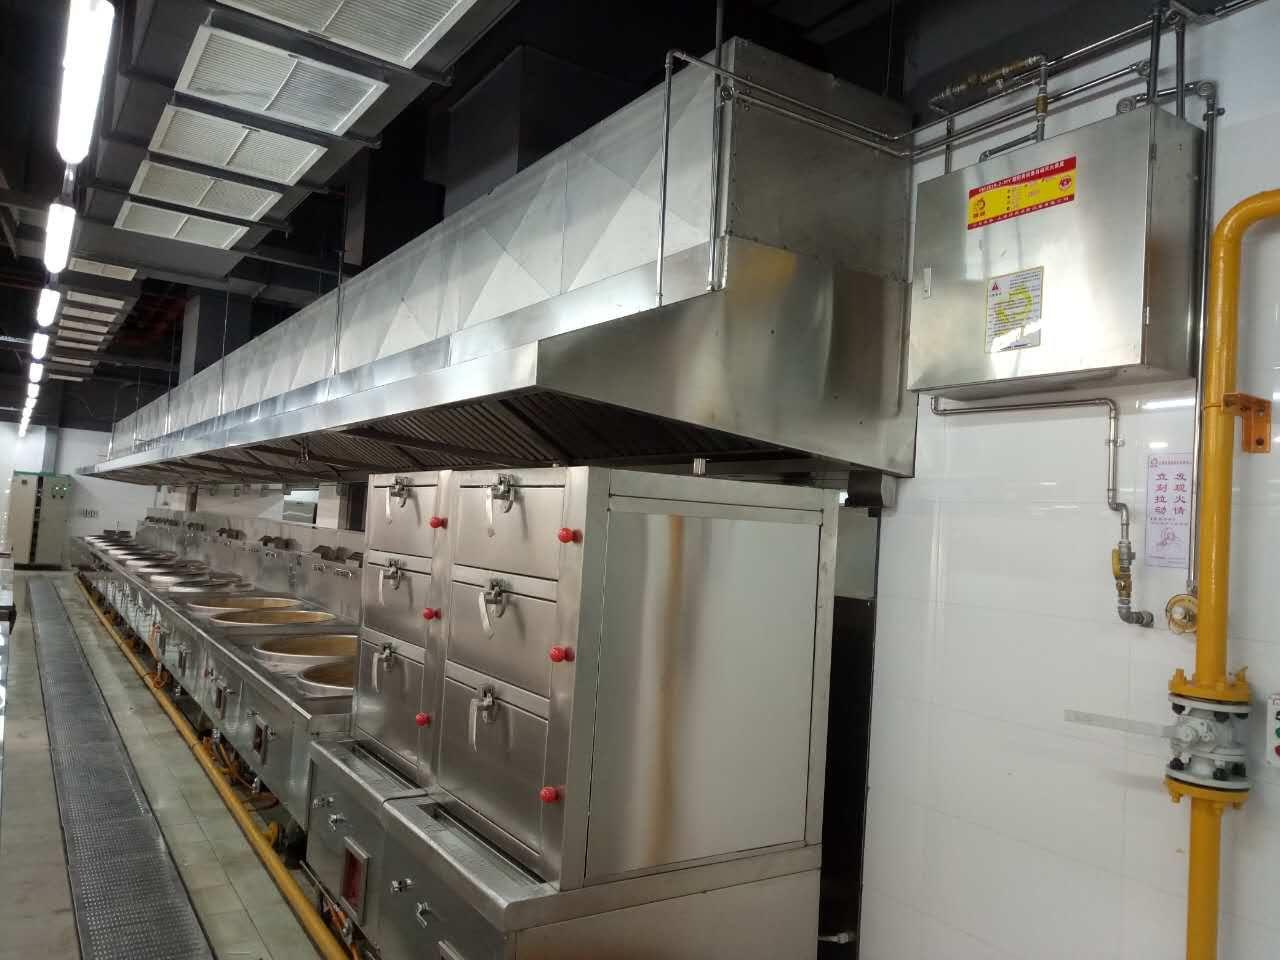 石家庄通用厨房灭火系统厂家实力雄厚,厨房灭火系统